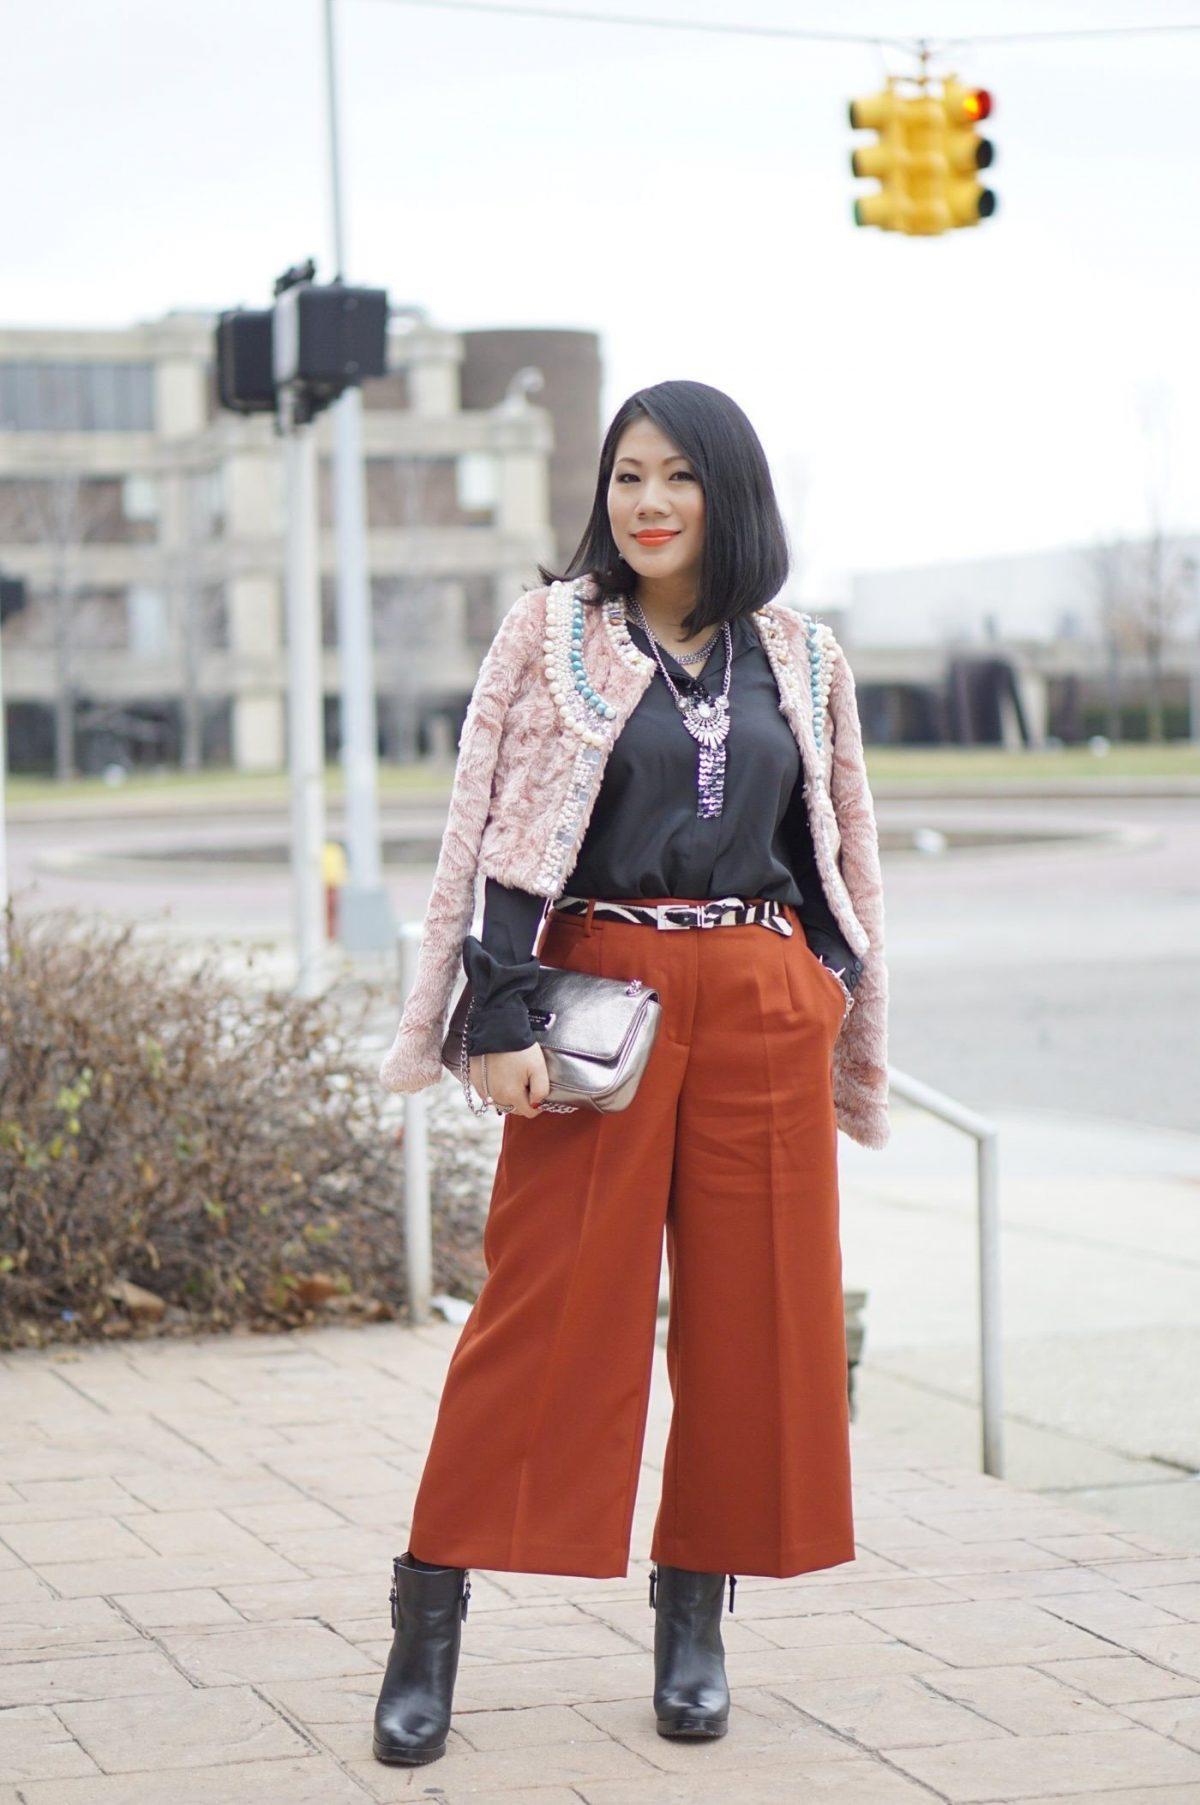 брюки-кюлоты красного оттенка и пиджак